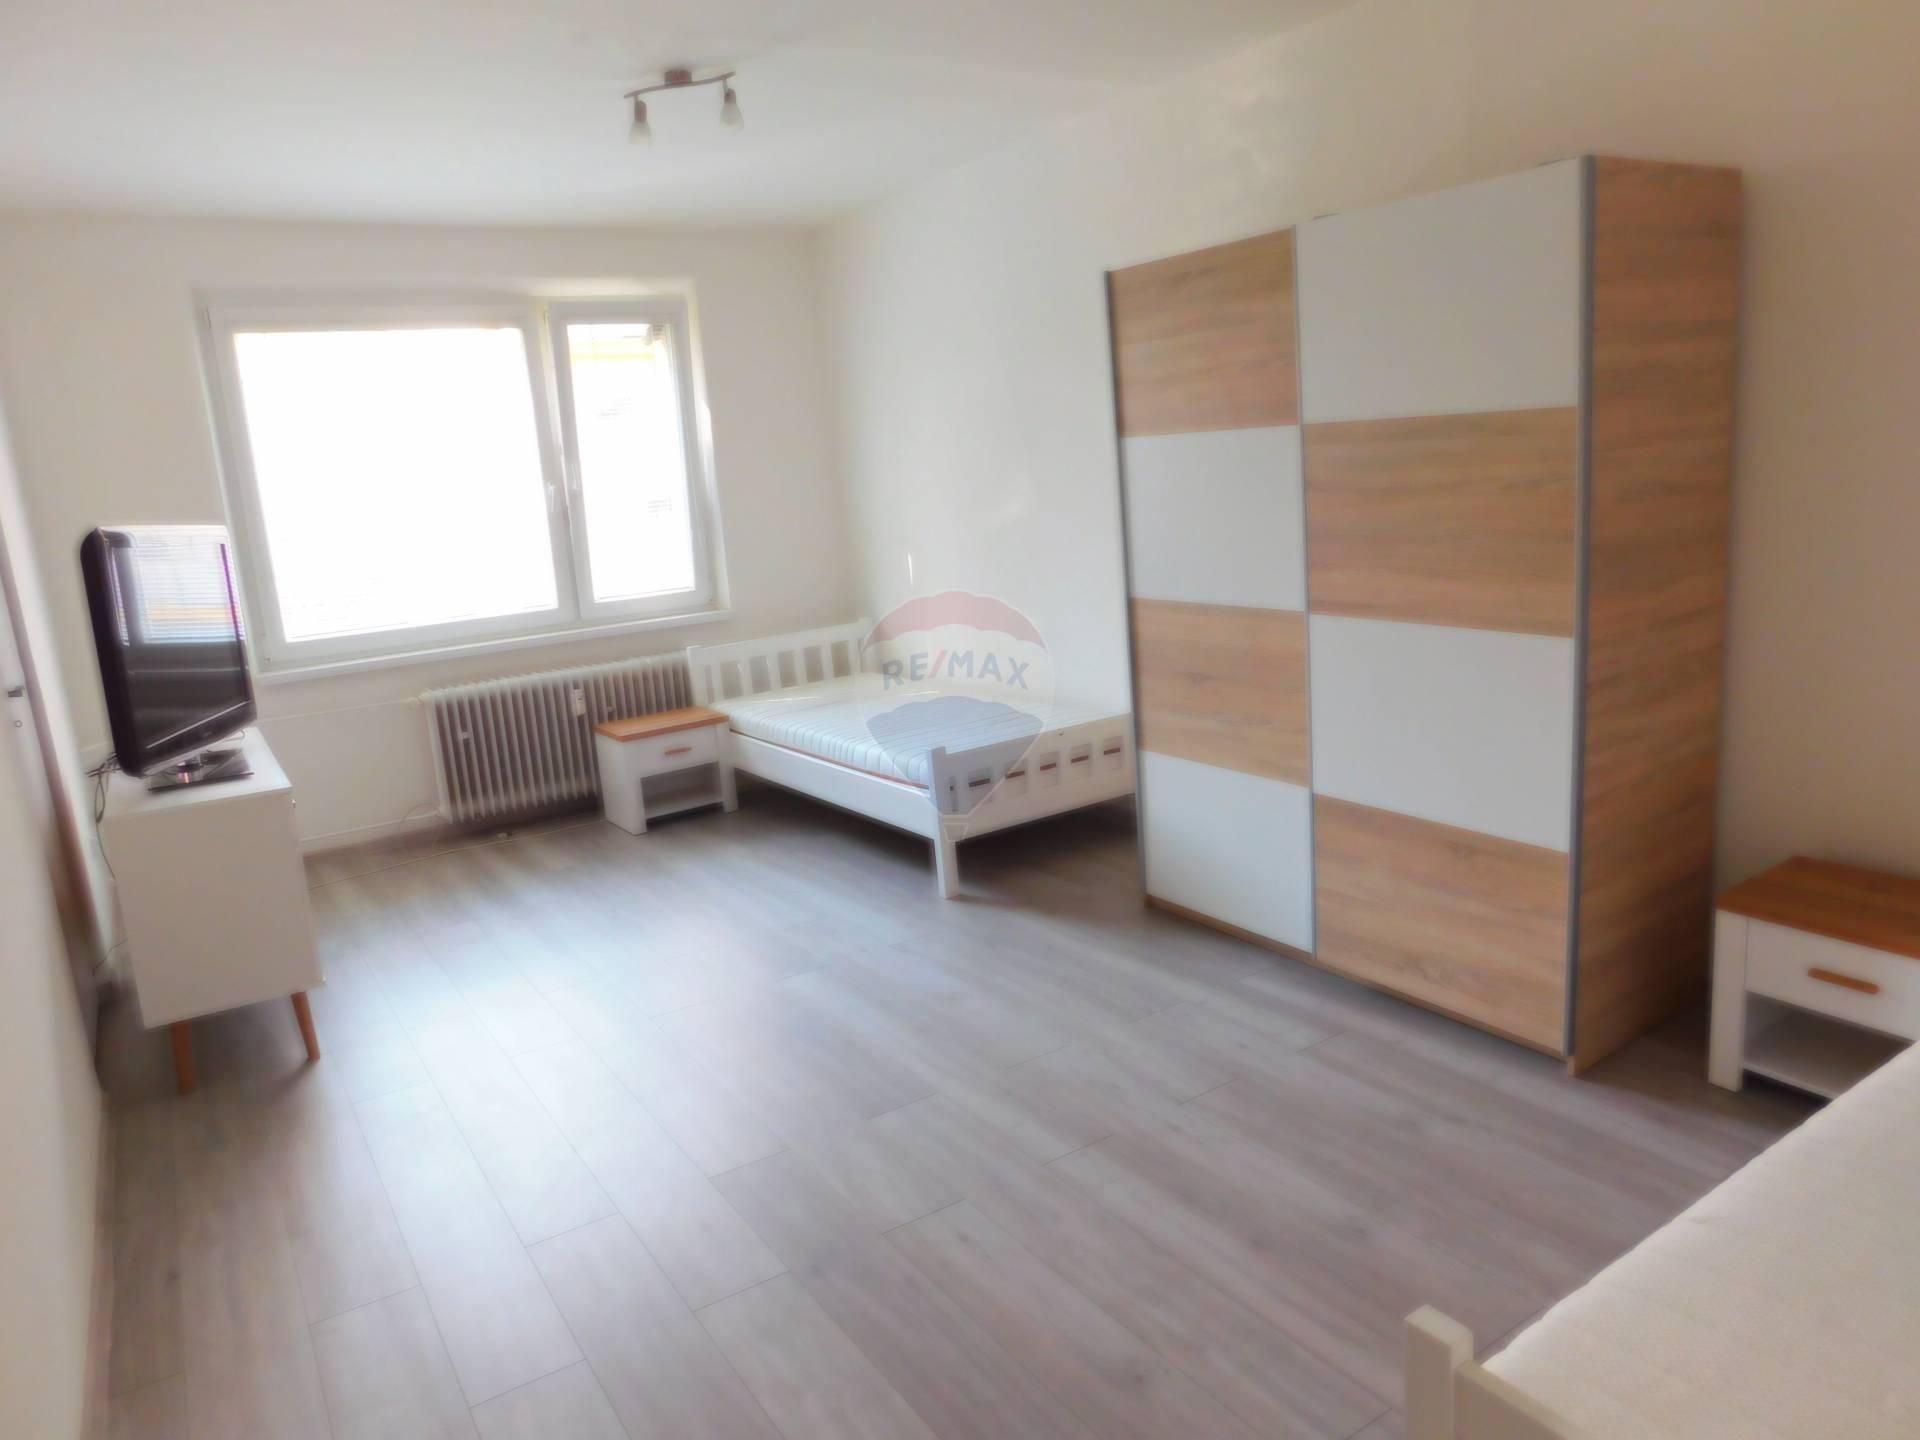 Prenájom bytu (3 izbový) 80m2, Námestovo